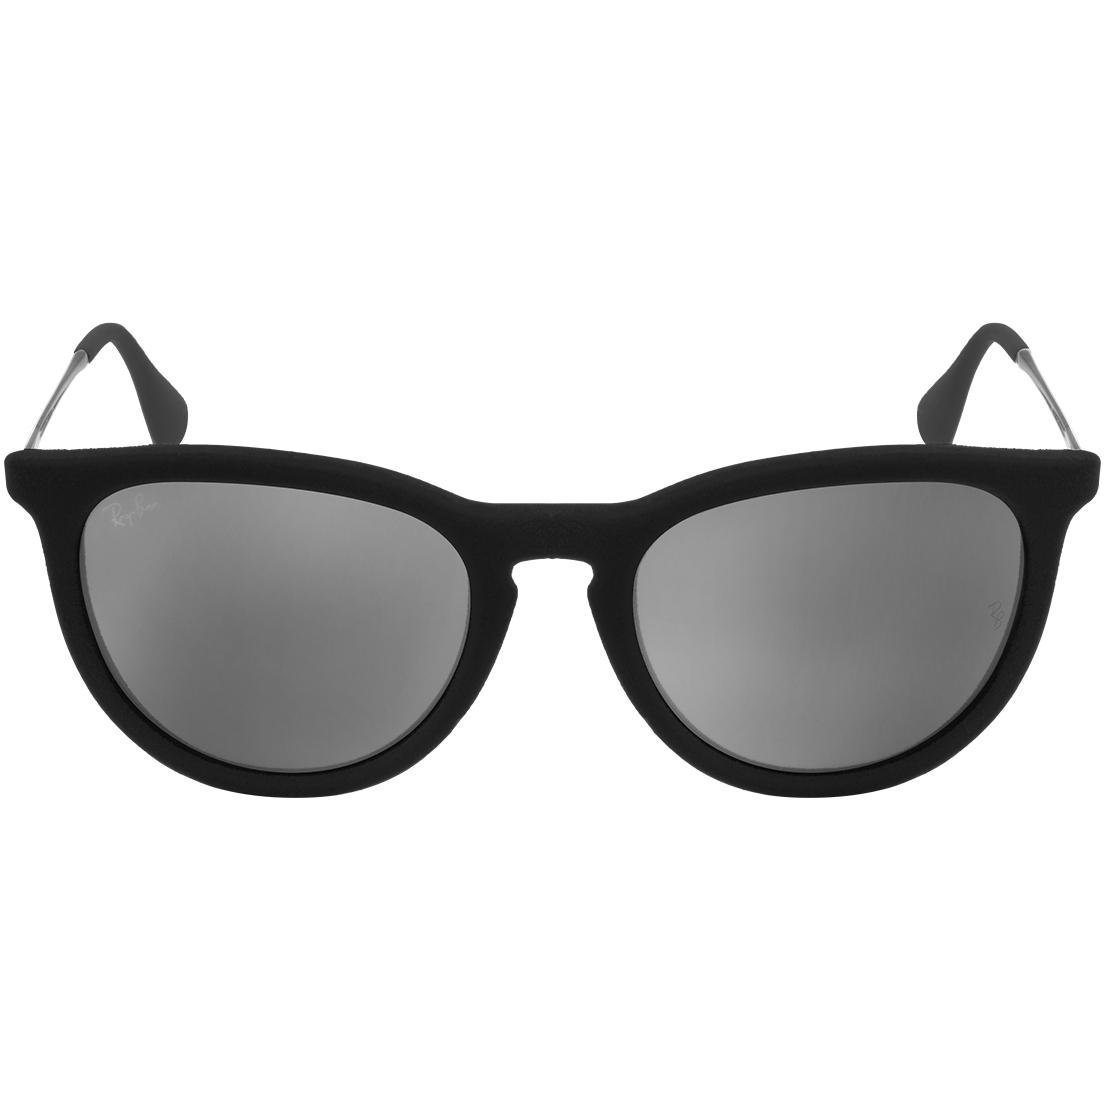 63e59b4ee5d6f oiOferta    Óculos Ray Ban Erika Velvet 4171 - Modelo Feminino com Armação  Preta Veludo